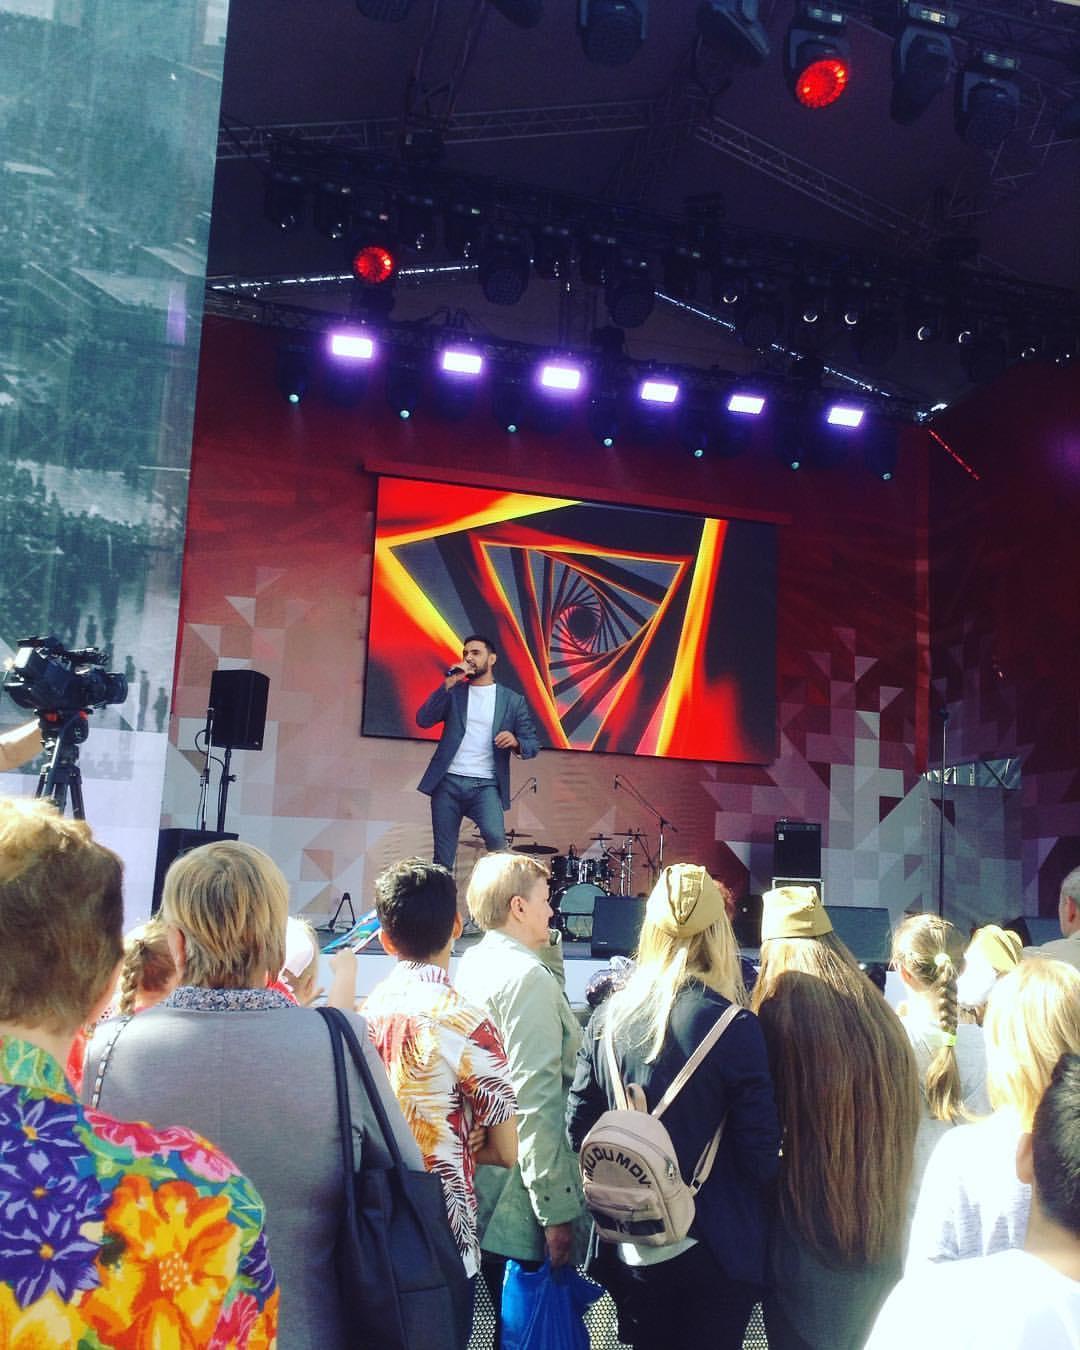 Козловский засветился на концерте / фото pictame.com/user/nadezhda.ogol